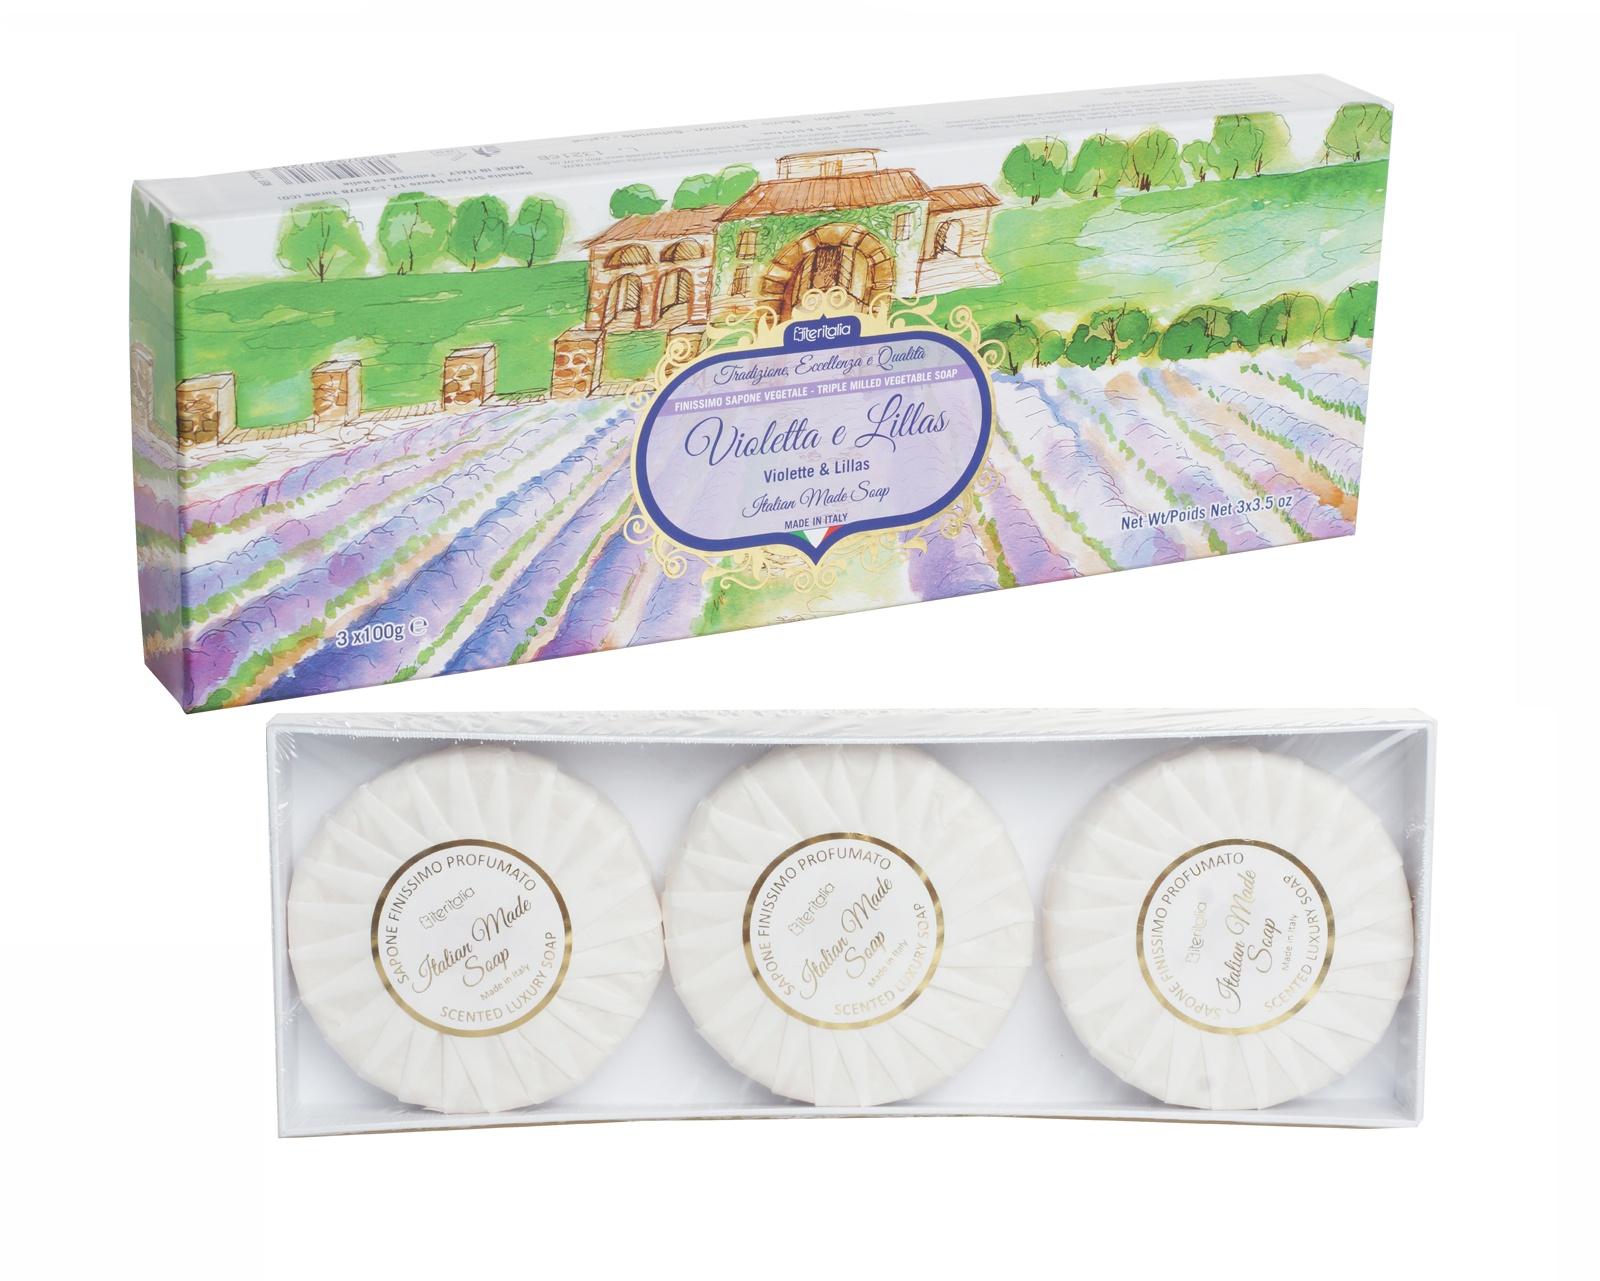 Подарочный набор Iteritalia премиальное мыло с ароматами фиалки и сирени Цветы Италии, 3 х 100 г iteritalia мыло высококачественное натуральное растительное с ароматом мандарин юдзу 125 г